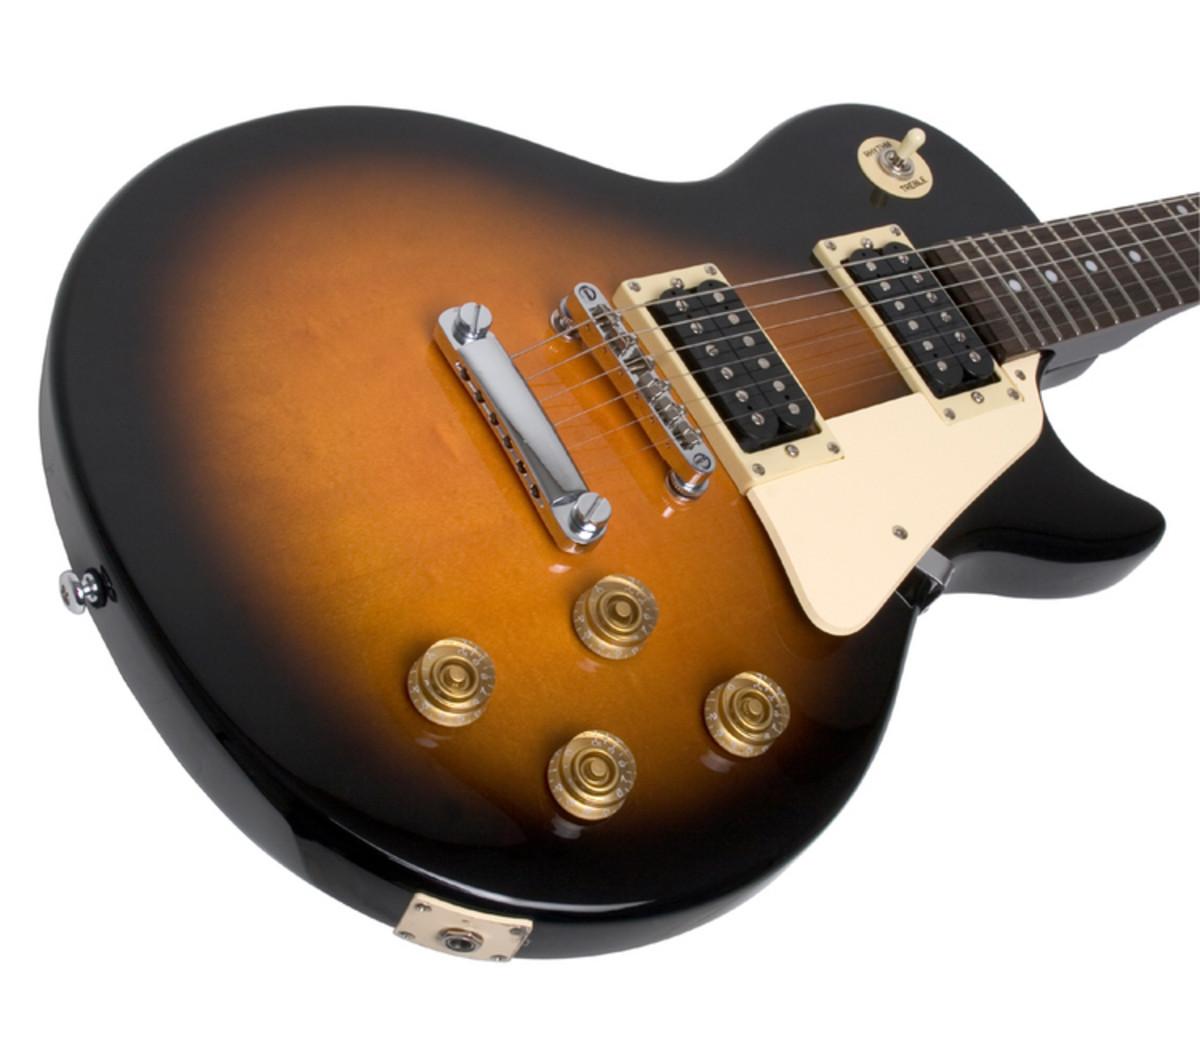 epiphone les paul 100 electric guitar vintage sunburst ex demo at rh gear4music com Epiphone Les Paul 100 Sunburst Epiphone Les Paul 100 Heritage